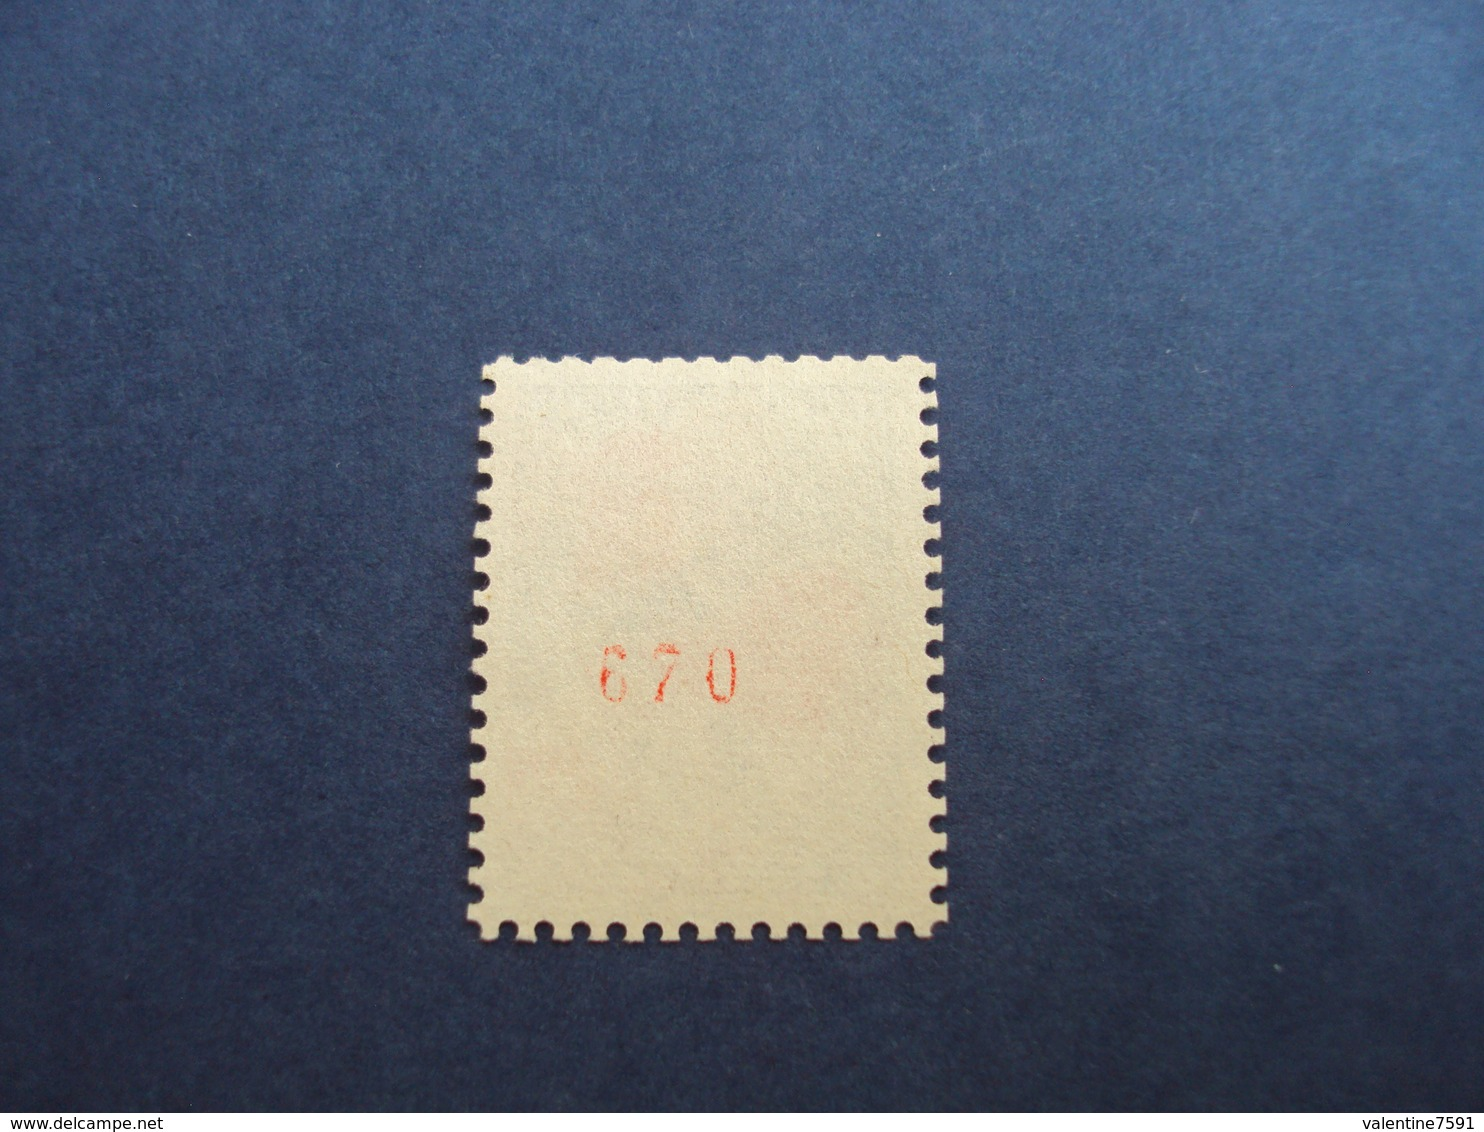 """1962-  Coq De  Descaris, N° 1331 B    """"30c""""  Oblitéré  -  Numéro Rouge 670   -   Cote 13.50  Net   4.5 - France"""